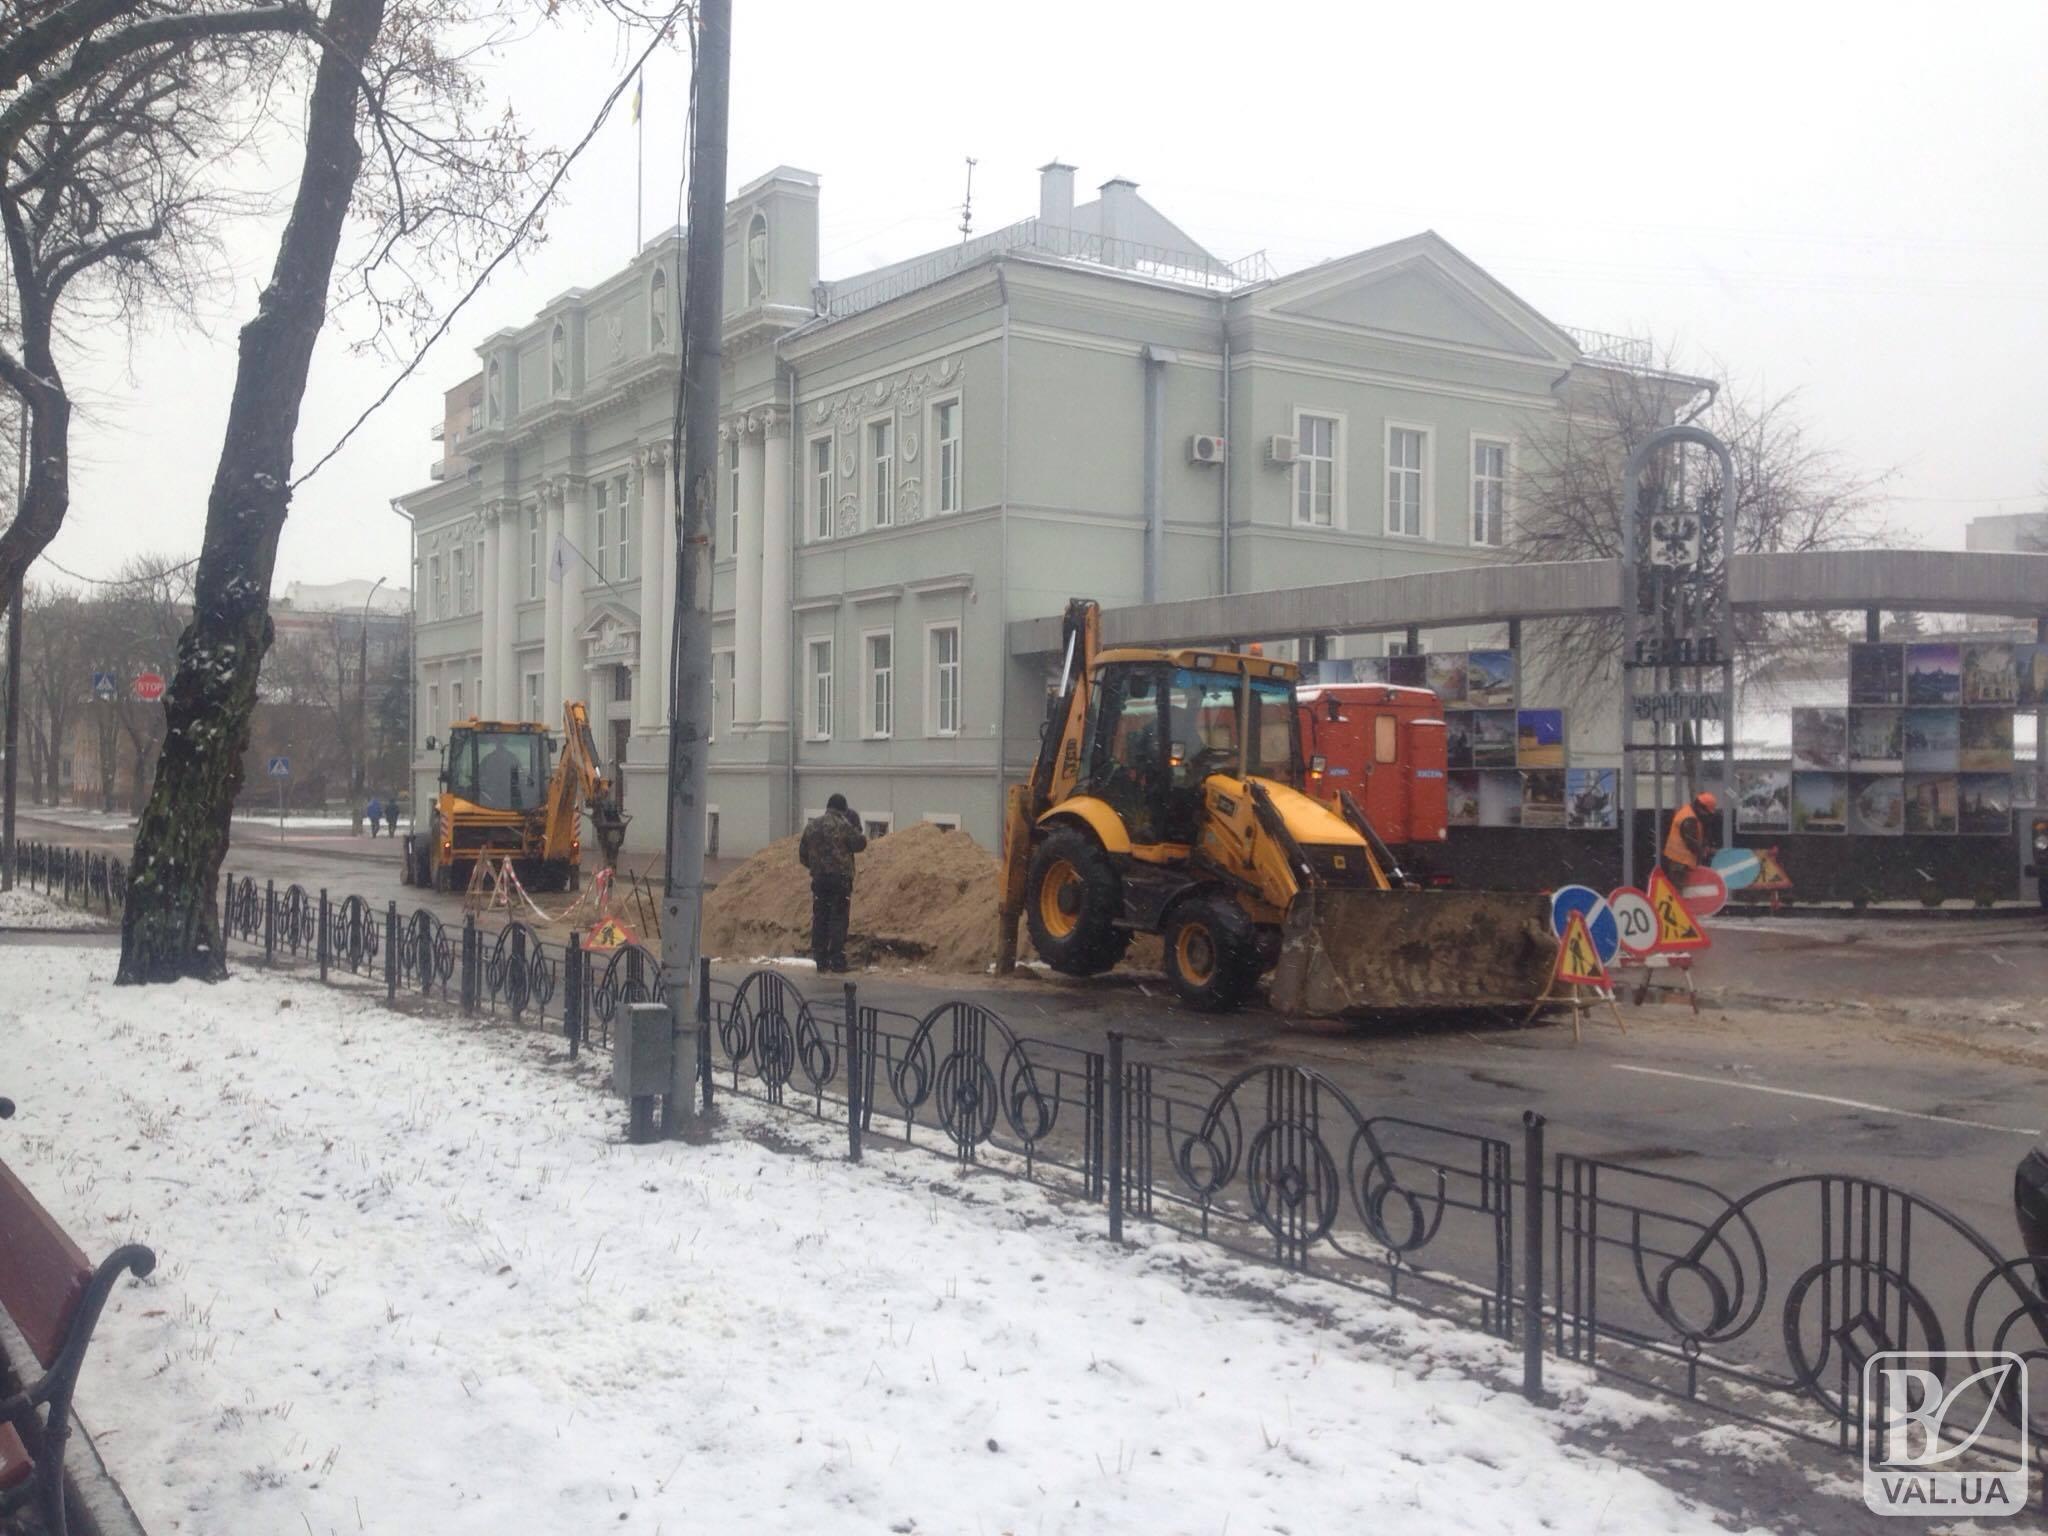 Чернігівська міськрада третій день відключена від водопостачання